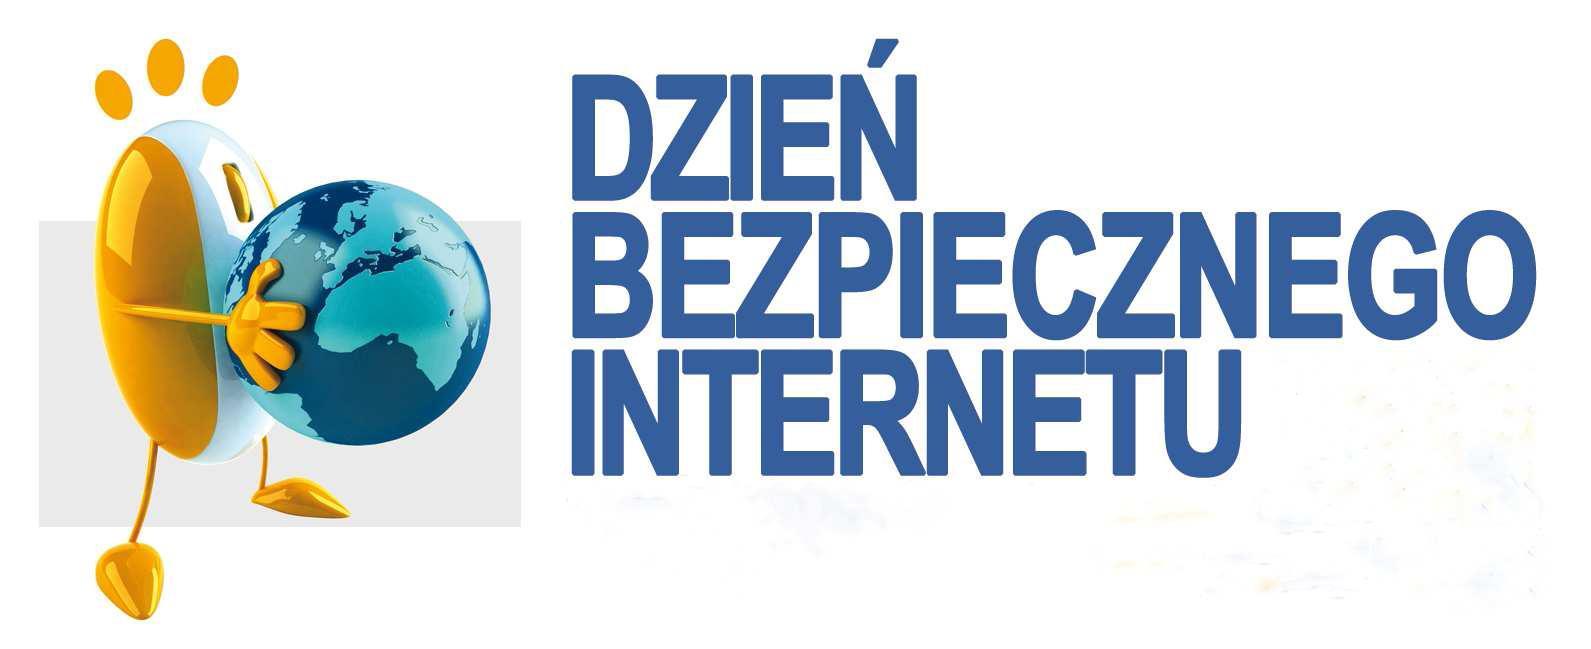 Dzieñ Bezpiecznego Internetu, czyli jak tworzyæ i jak nie tworzyæ silne has³a